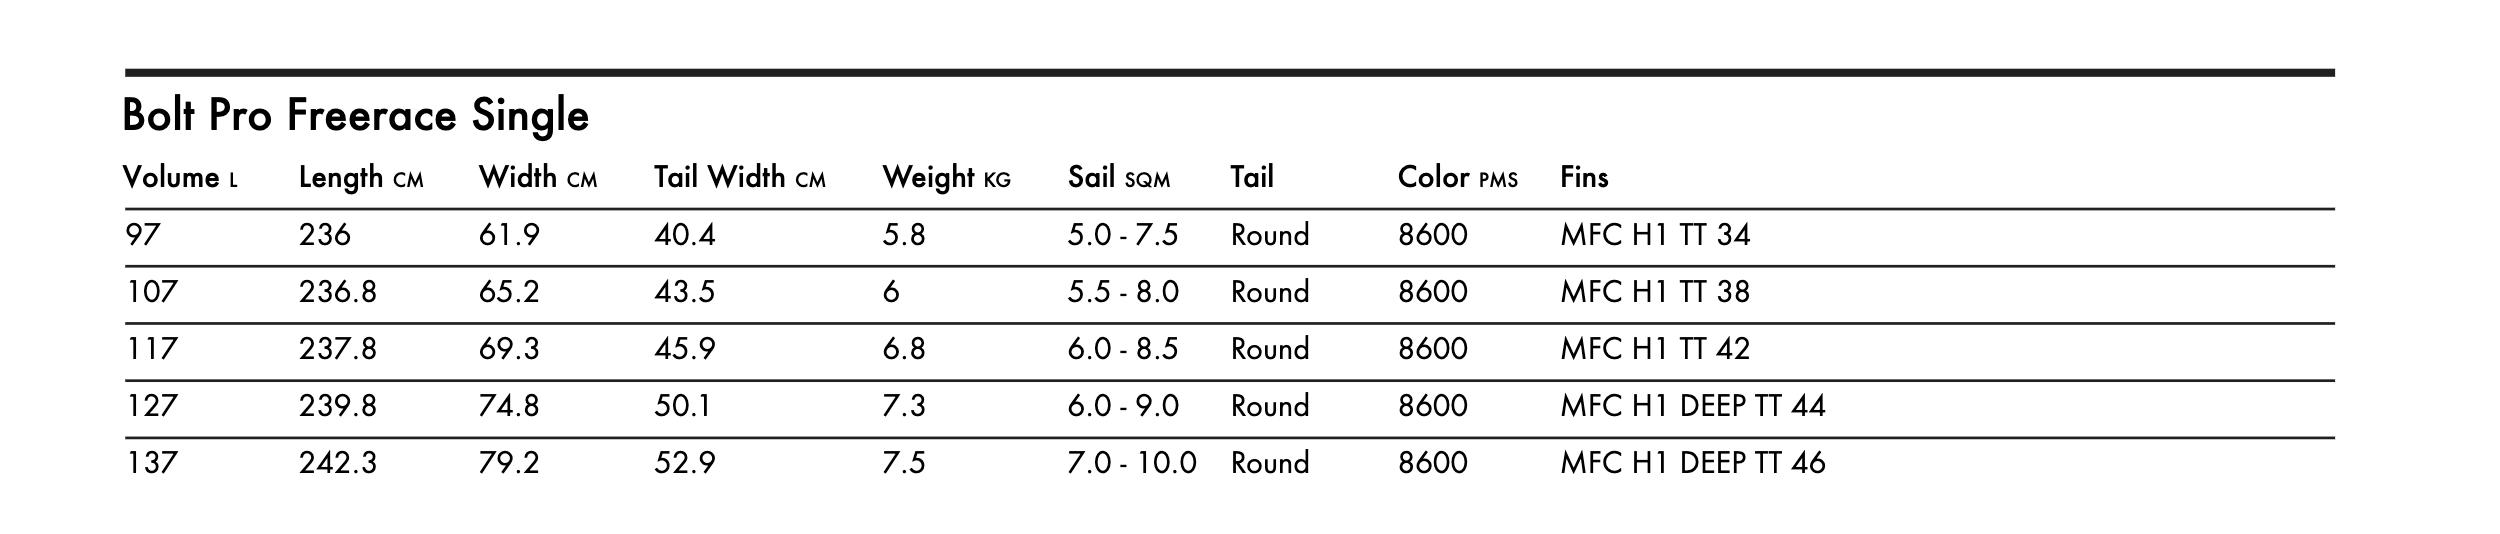 Goya Bolt Pro 2020